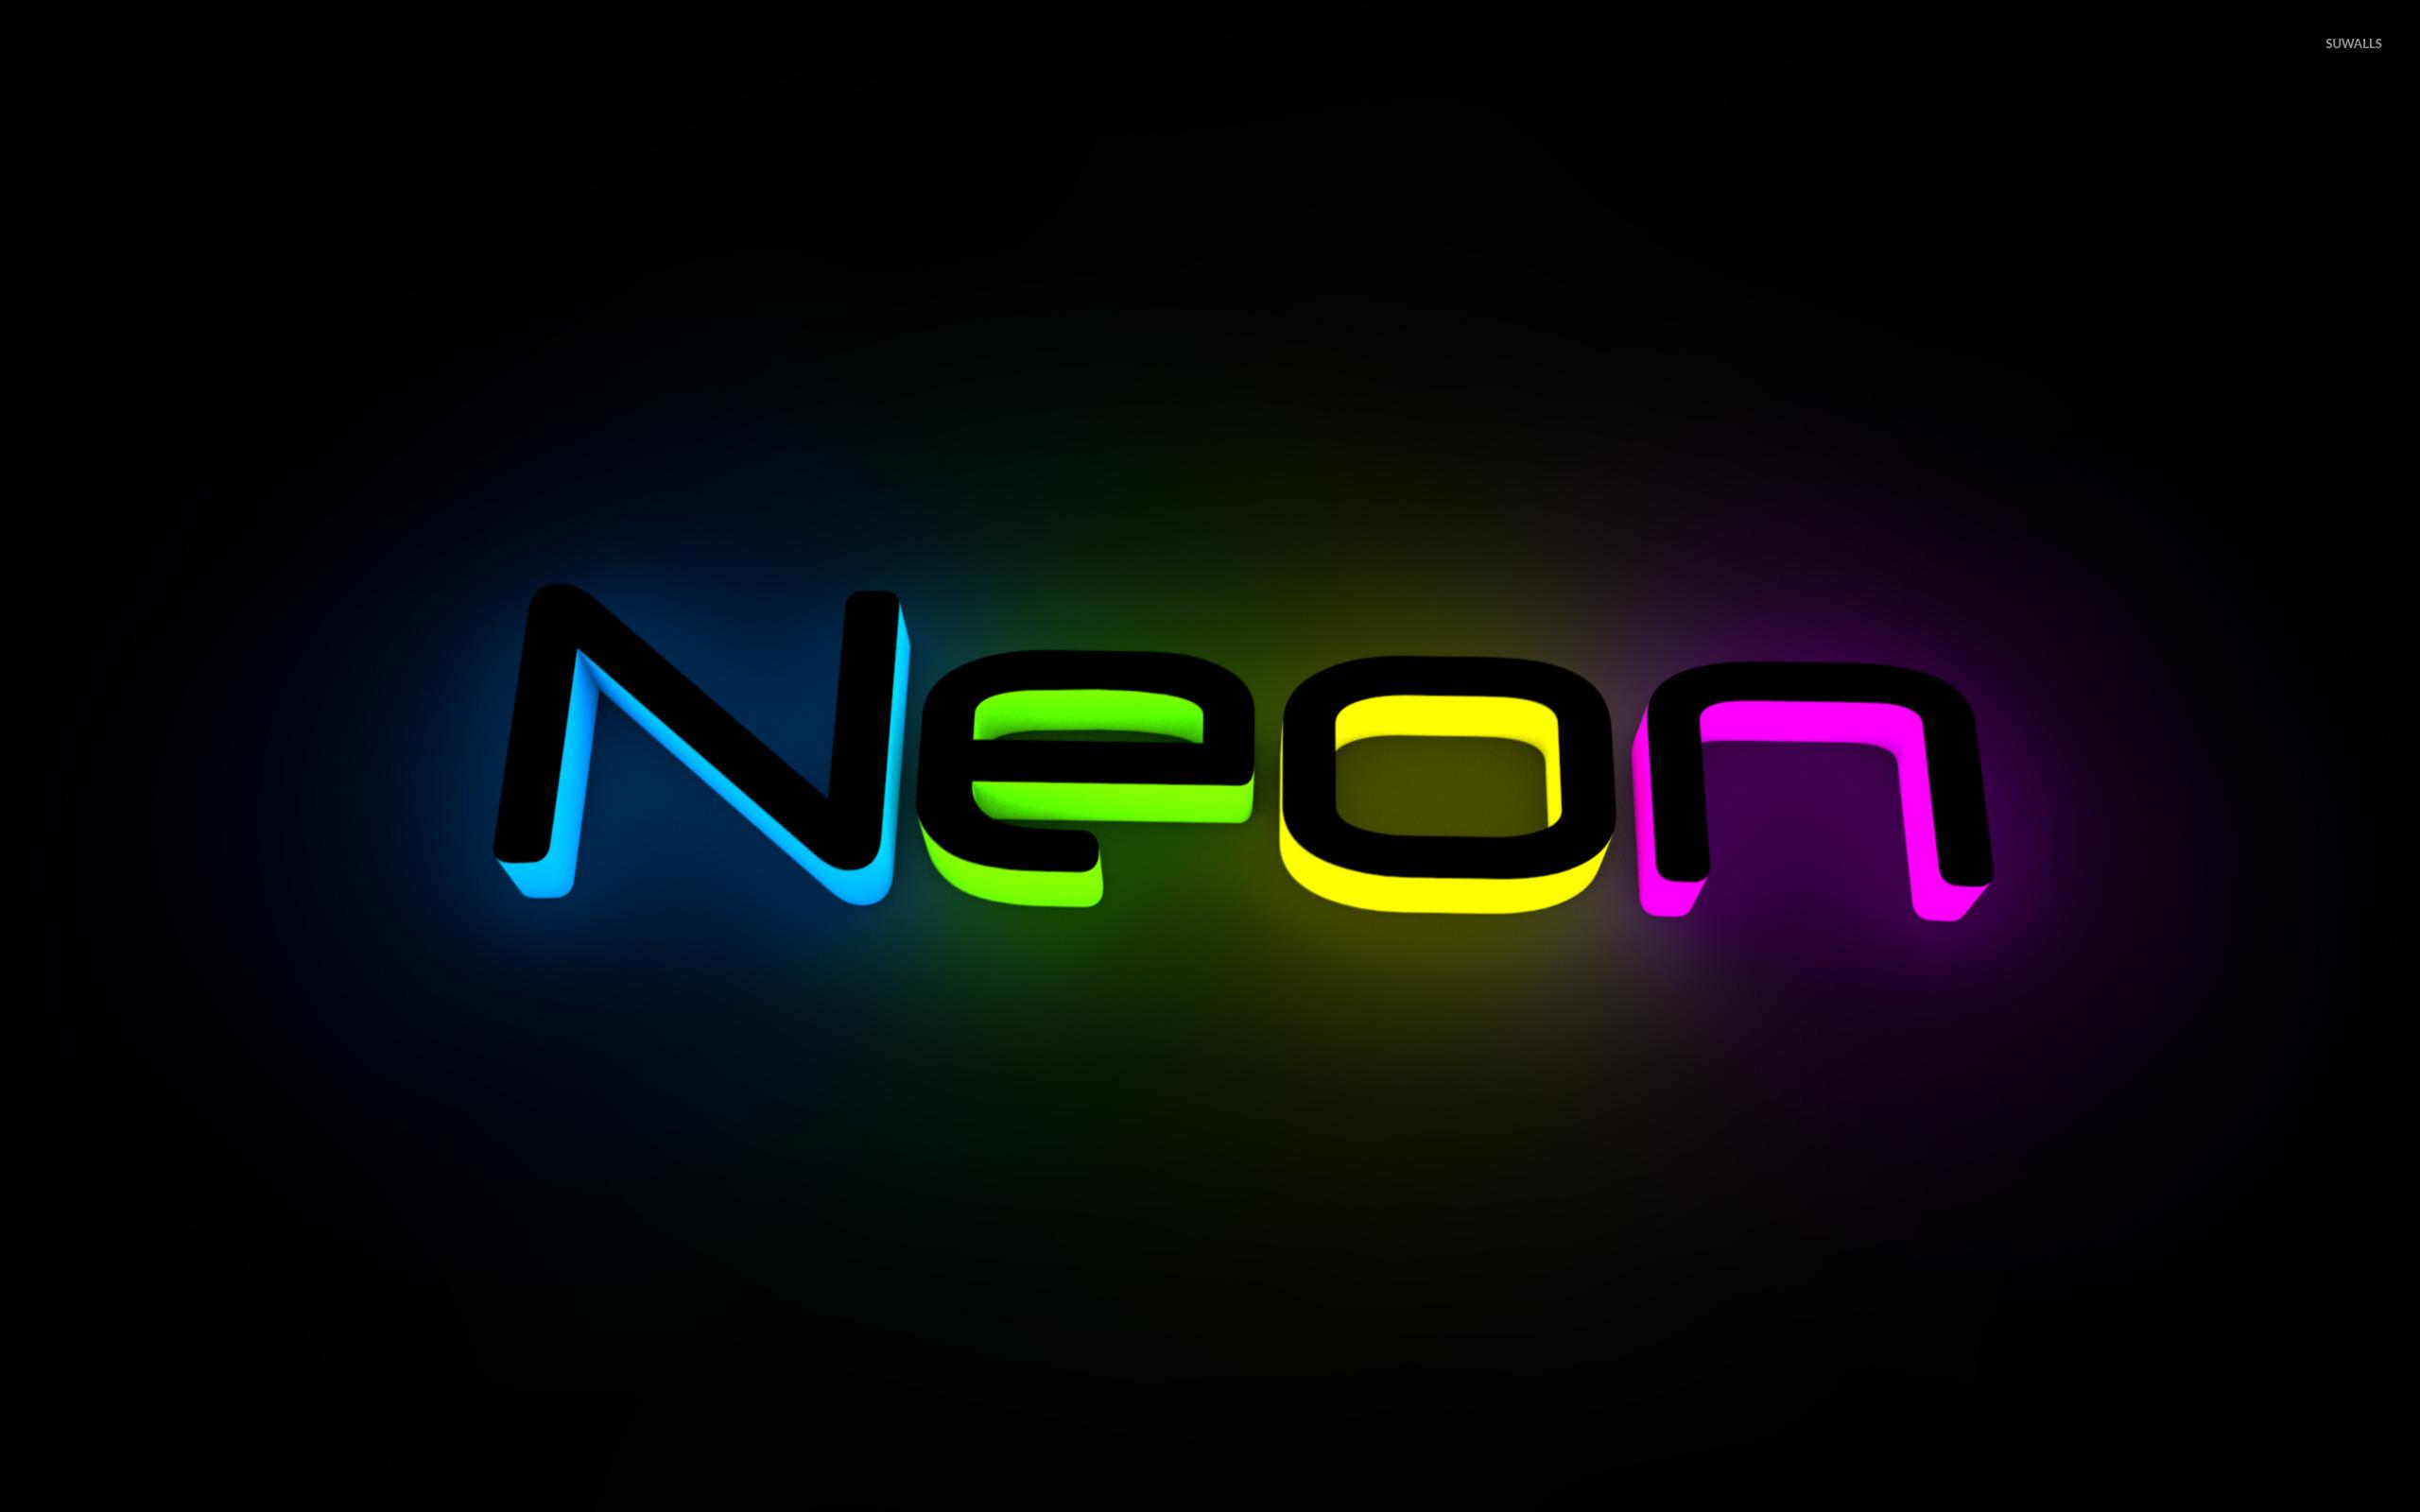 Neon wallpaper Typography wallpapers 17889